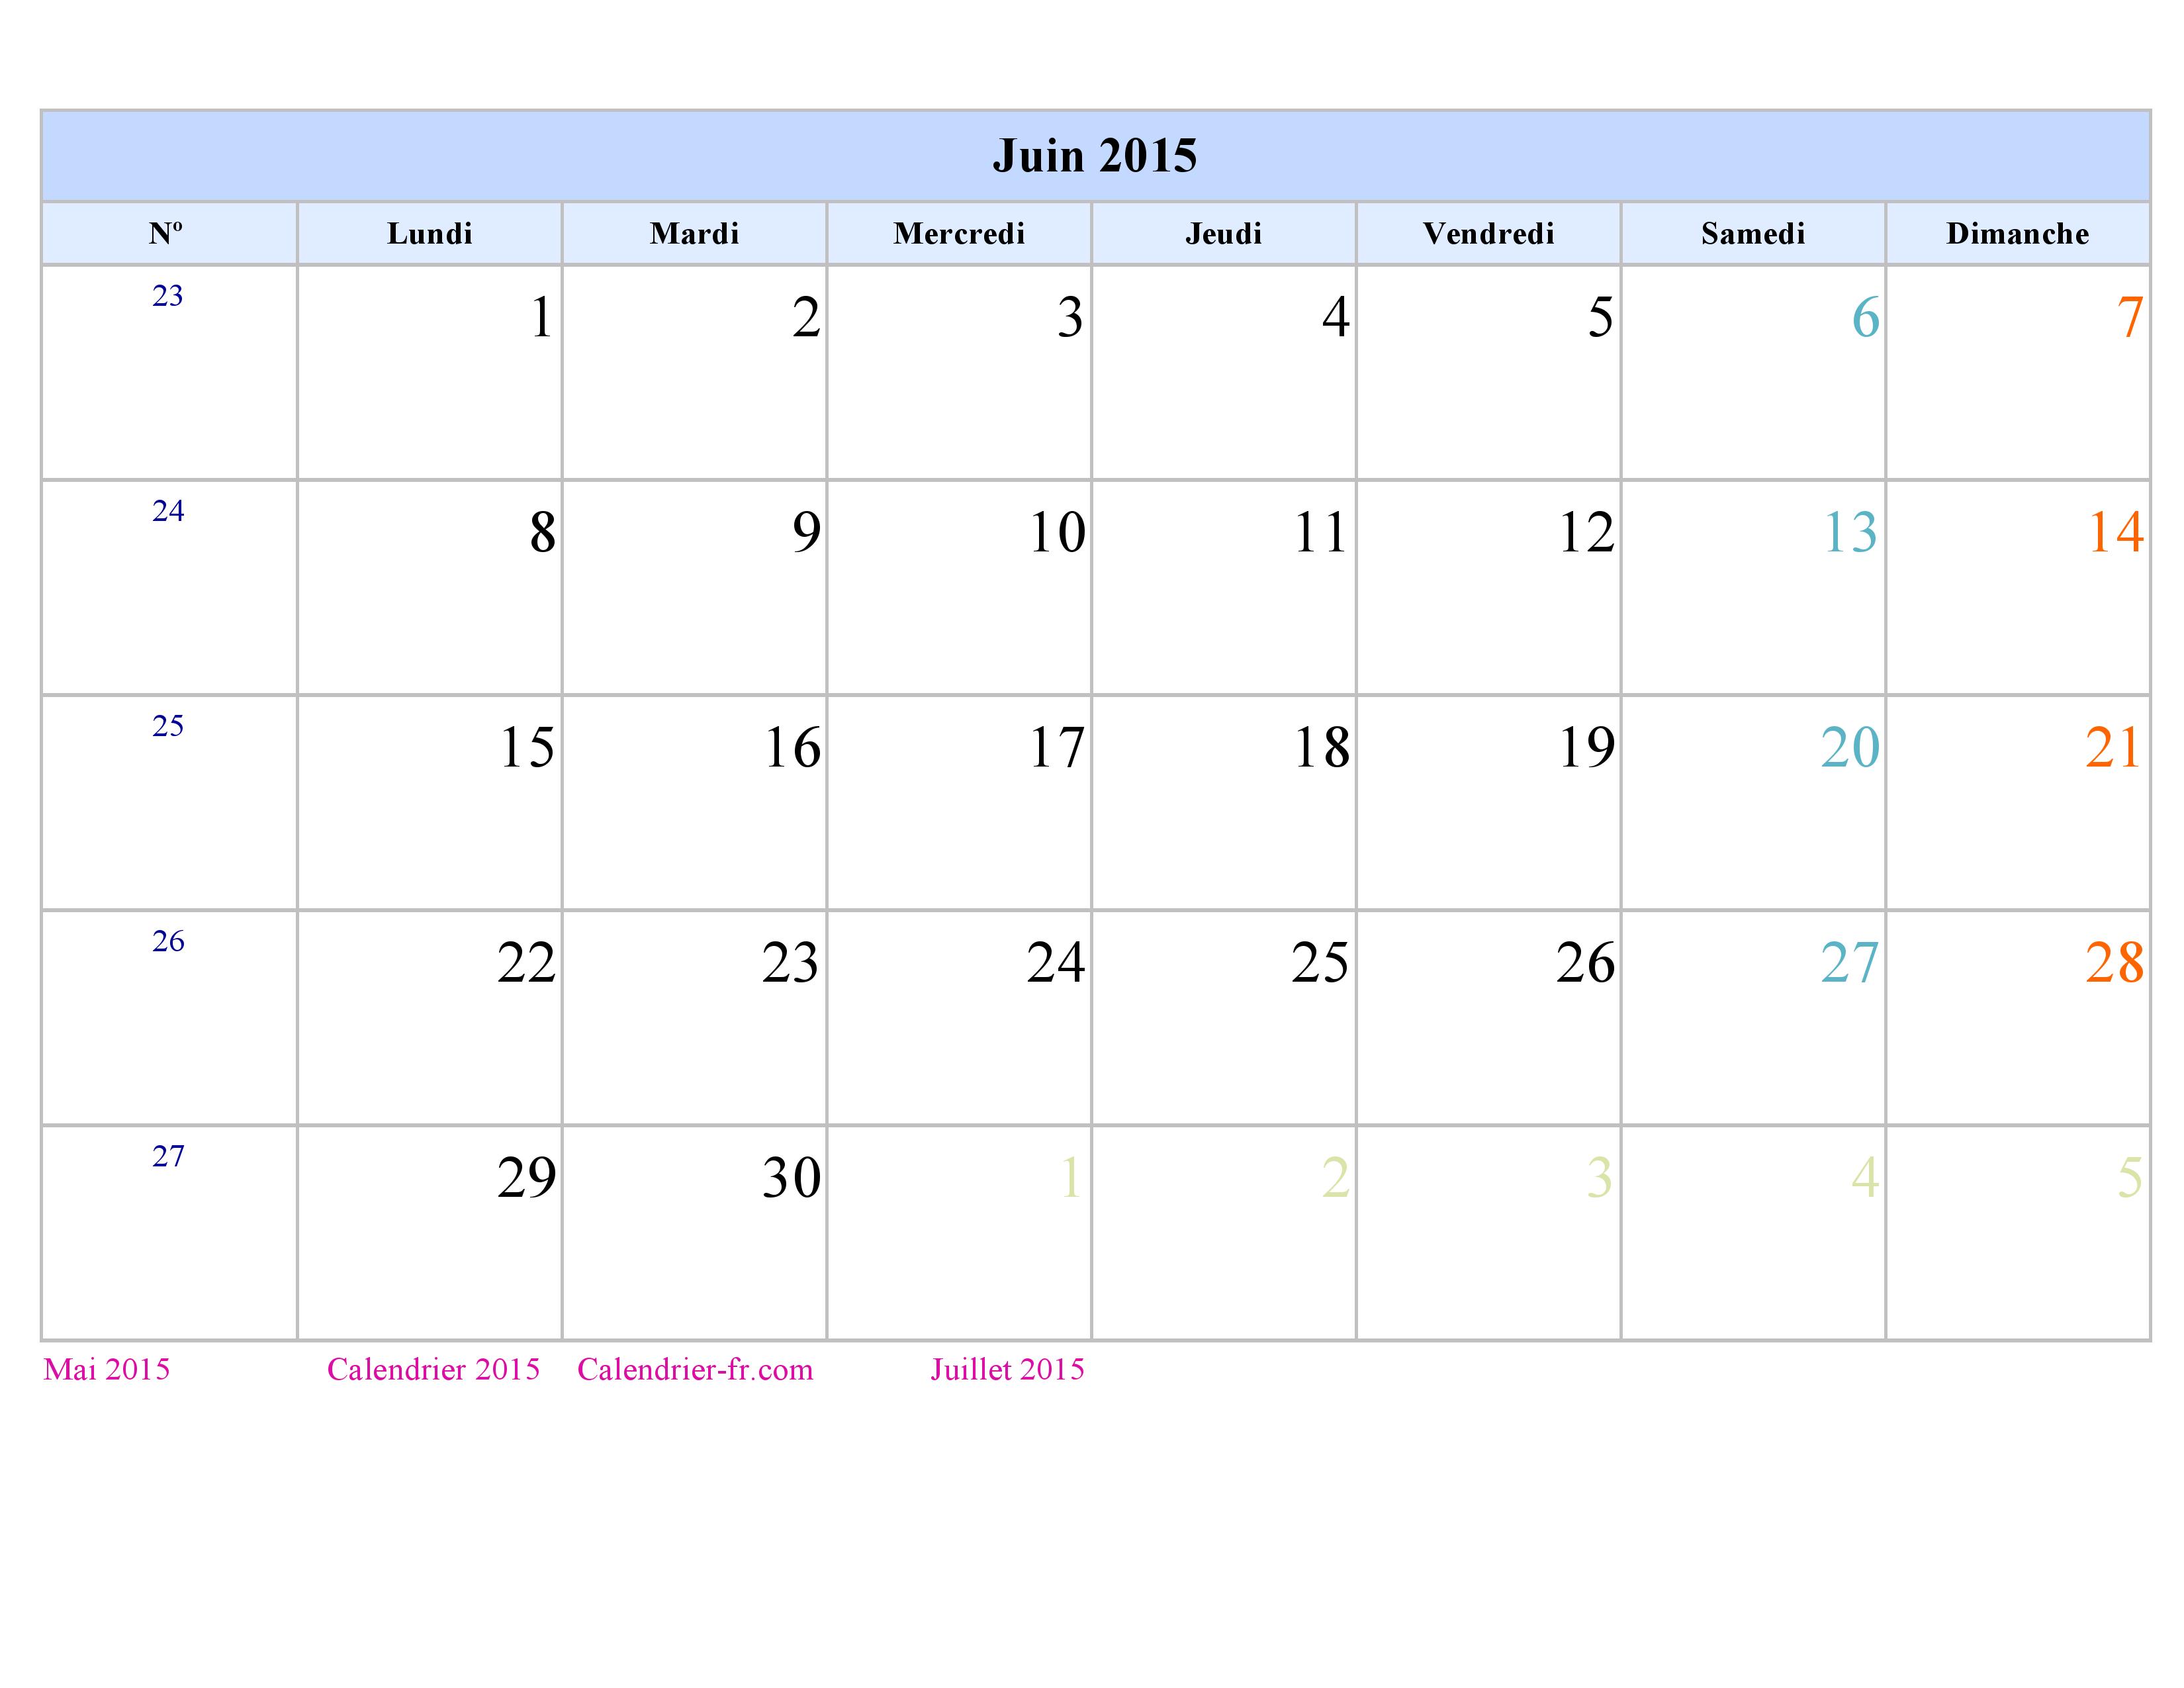 Calendrier juin 2015 imprimer gratuit en pdf et excel for Calendrier jardin juin 2015